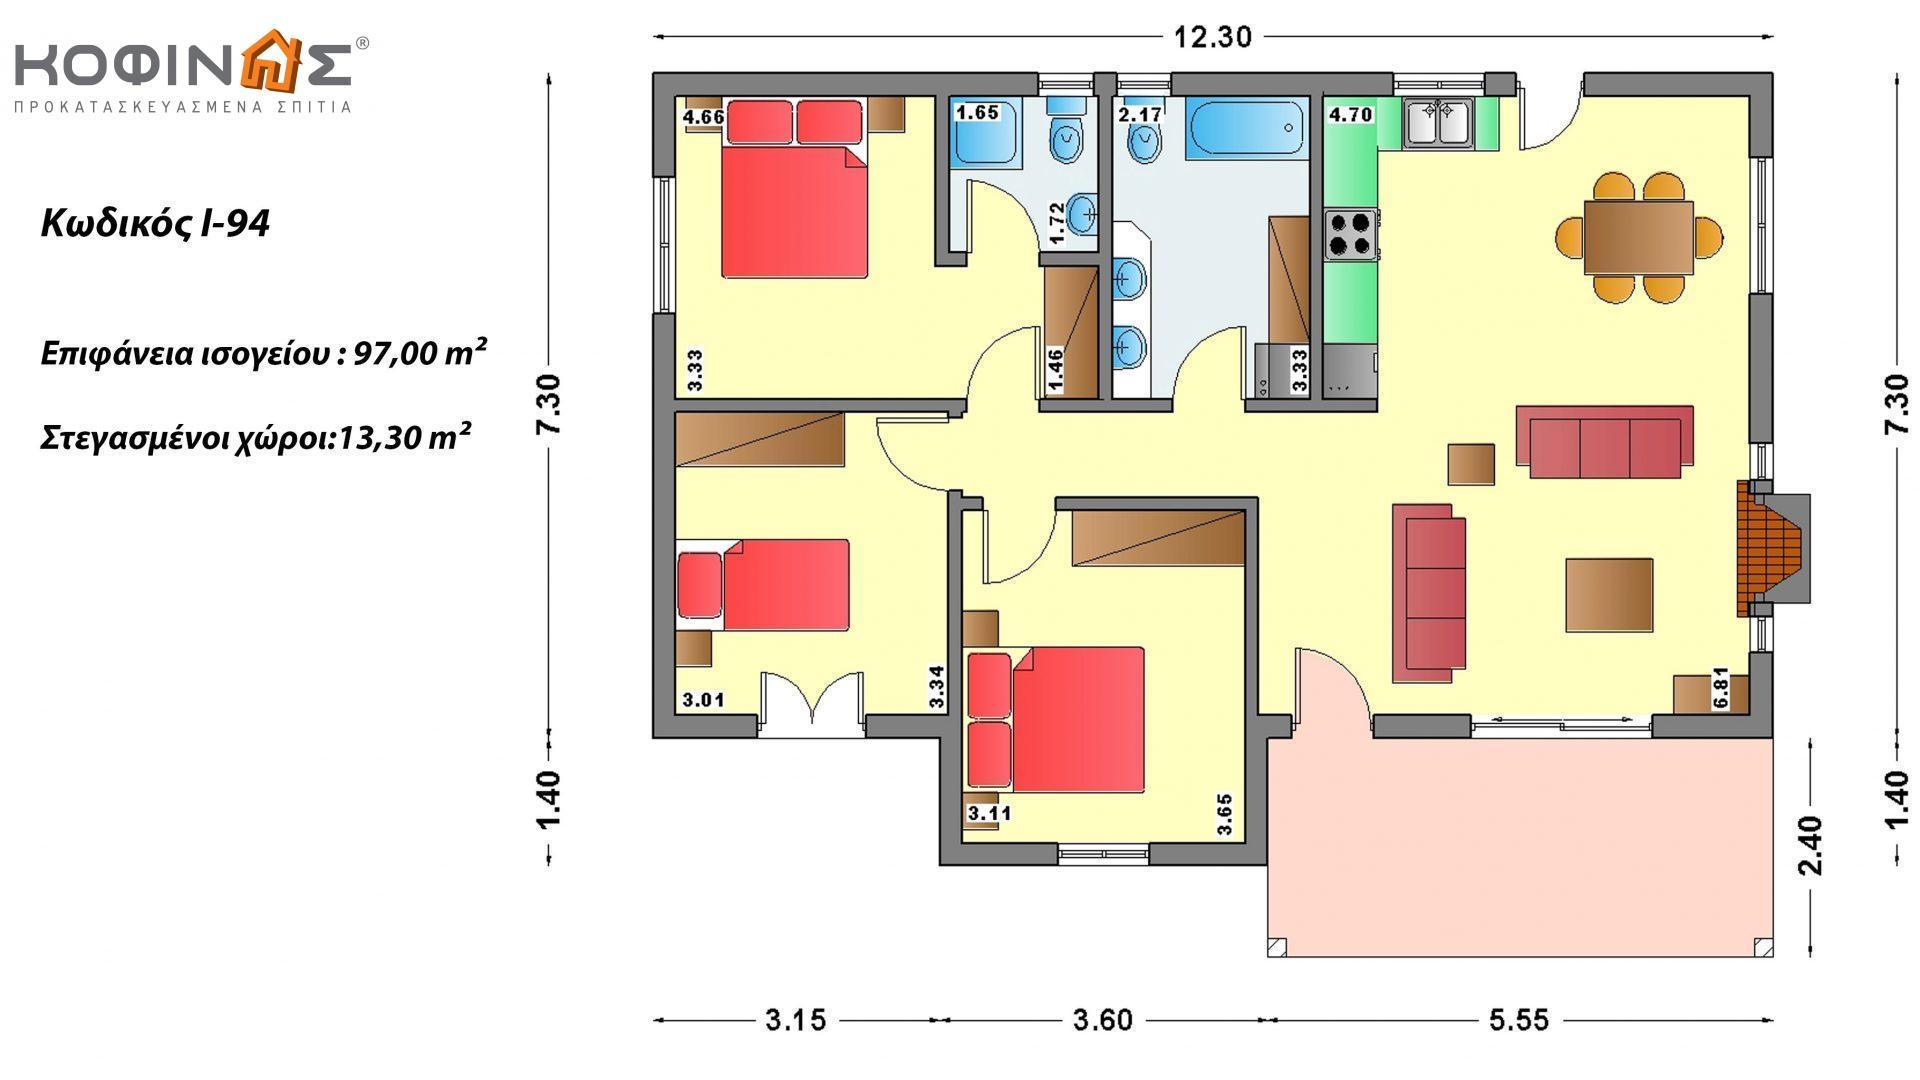 Ισόγεια Κατοικία I-94 συνολικής επιφάνειας 94,80 τ.μ., στεγασμένοι χώροι 13,30 τ.μ